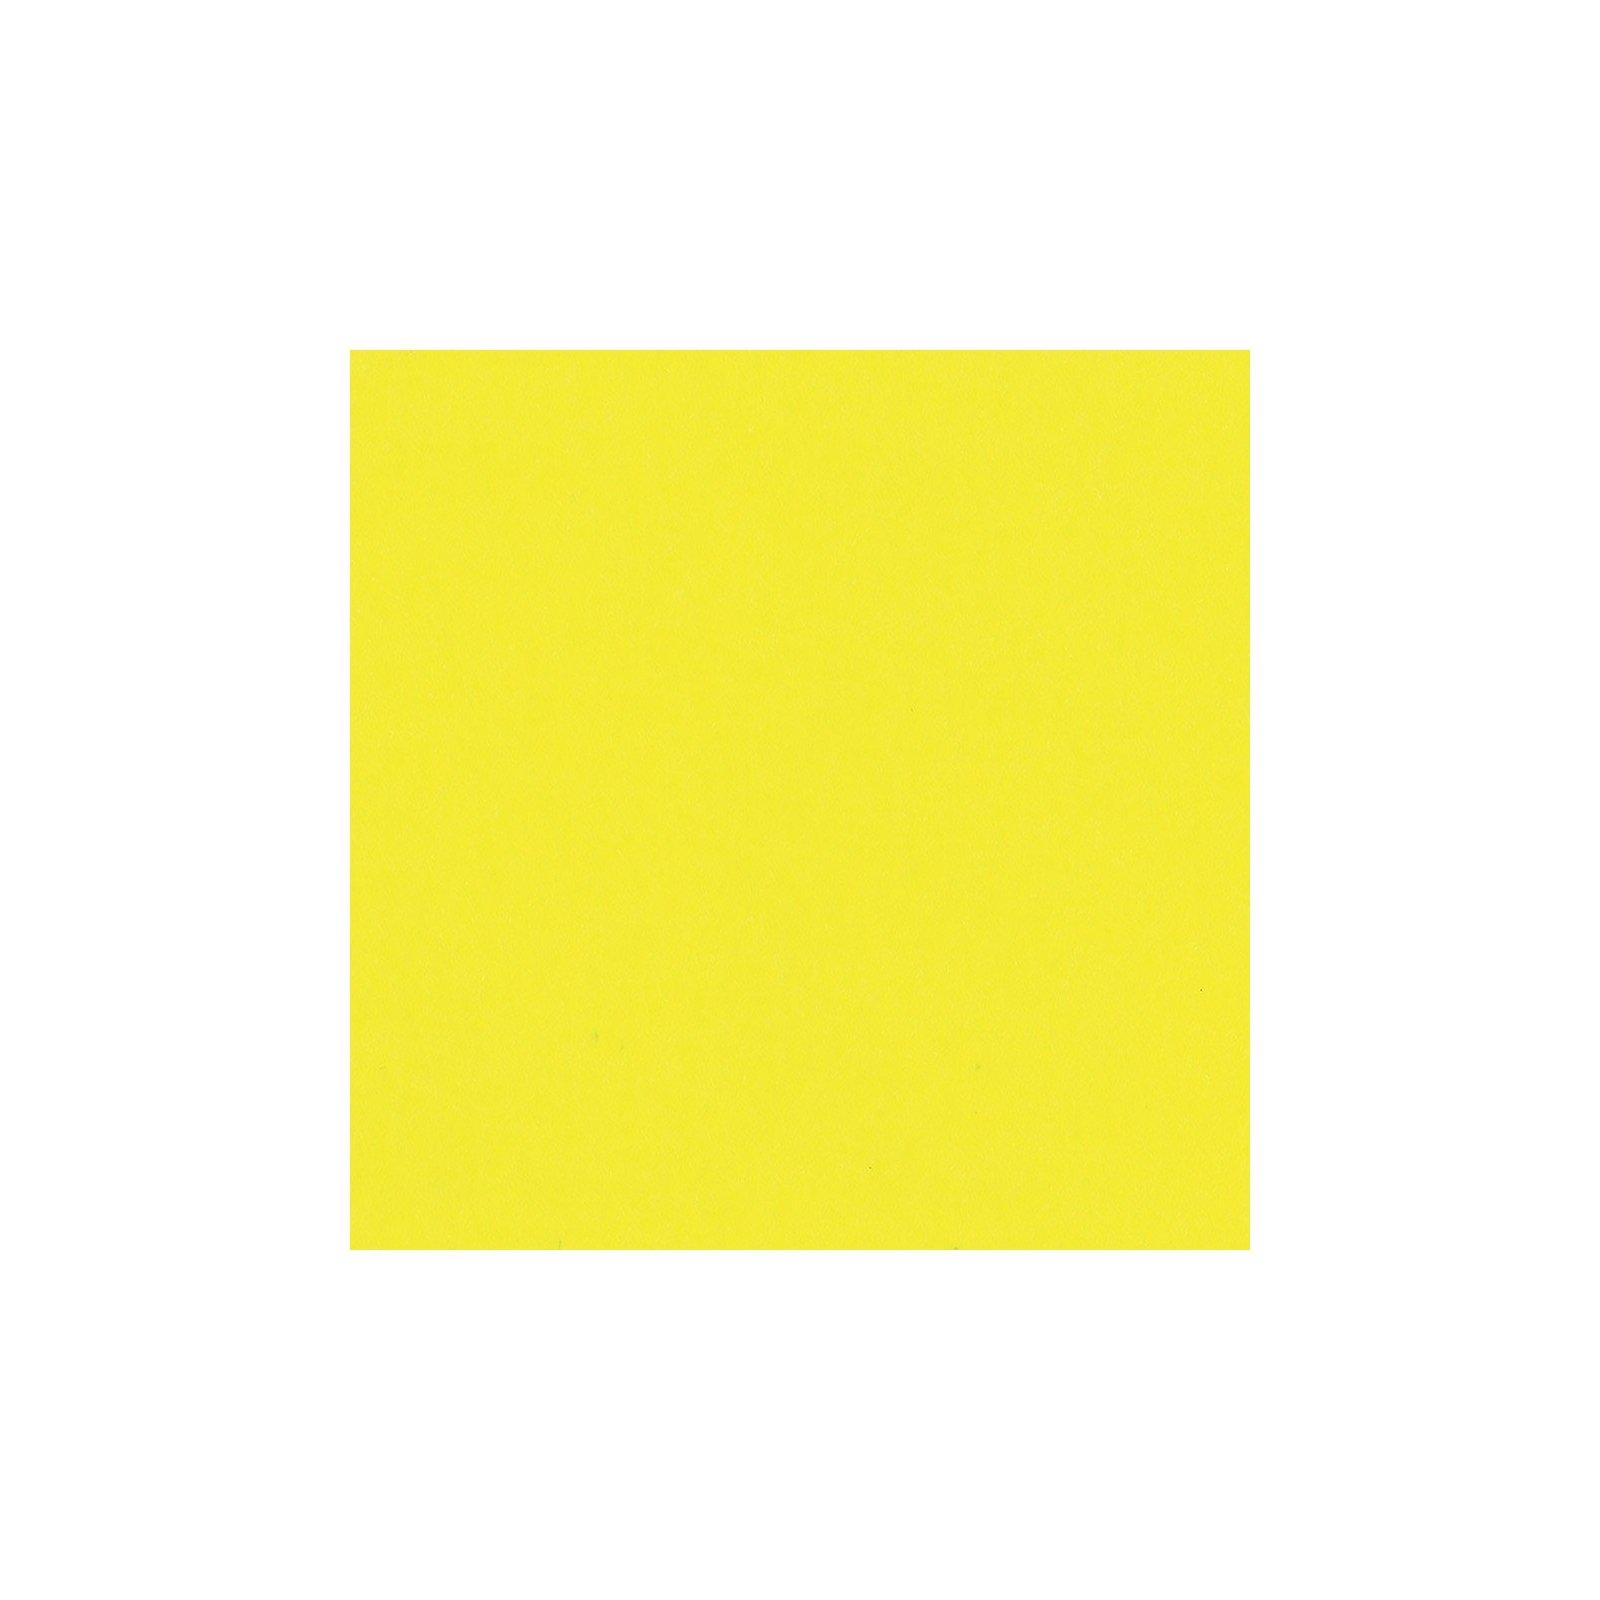 Papier jaune fluo - Lemon Sherbet- Sorbet Citron - Smoothies - Bazzill Basics Paper